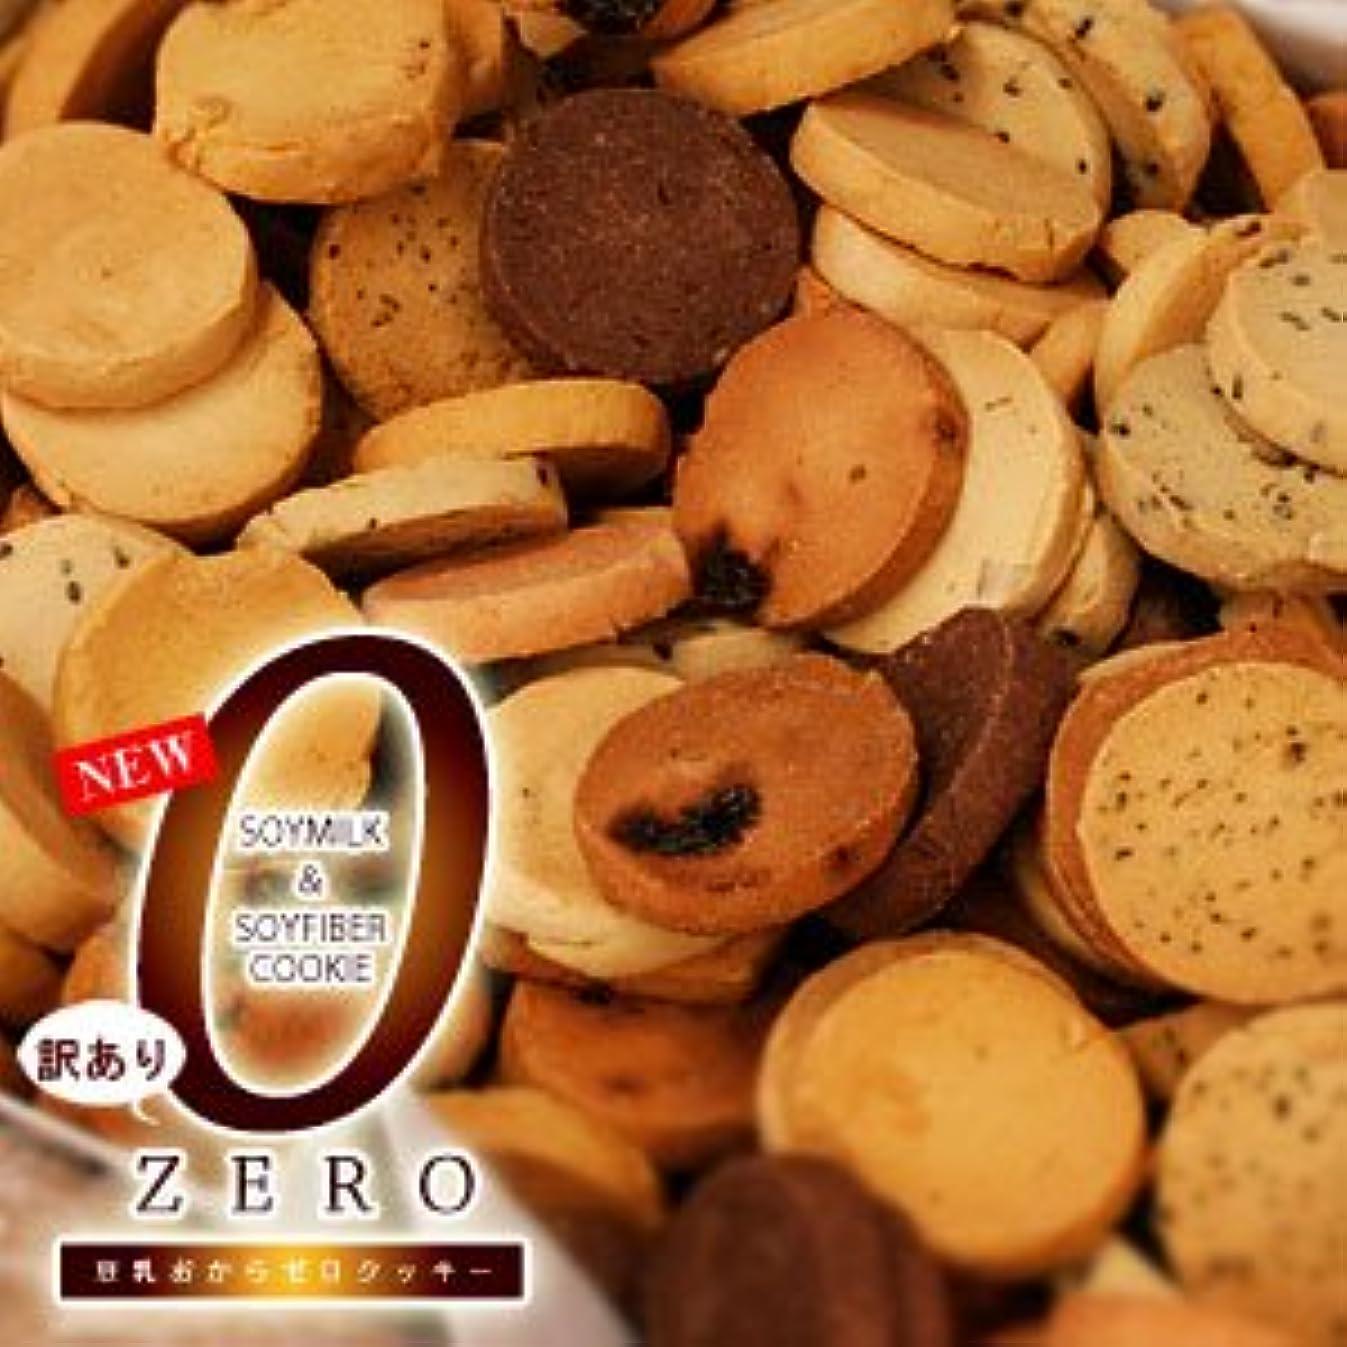 気づかない数値ガラガラ新 訳あり豆乳おからゼロクッキー 2個セット?